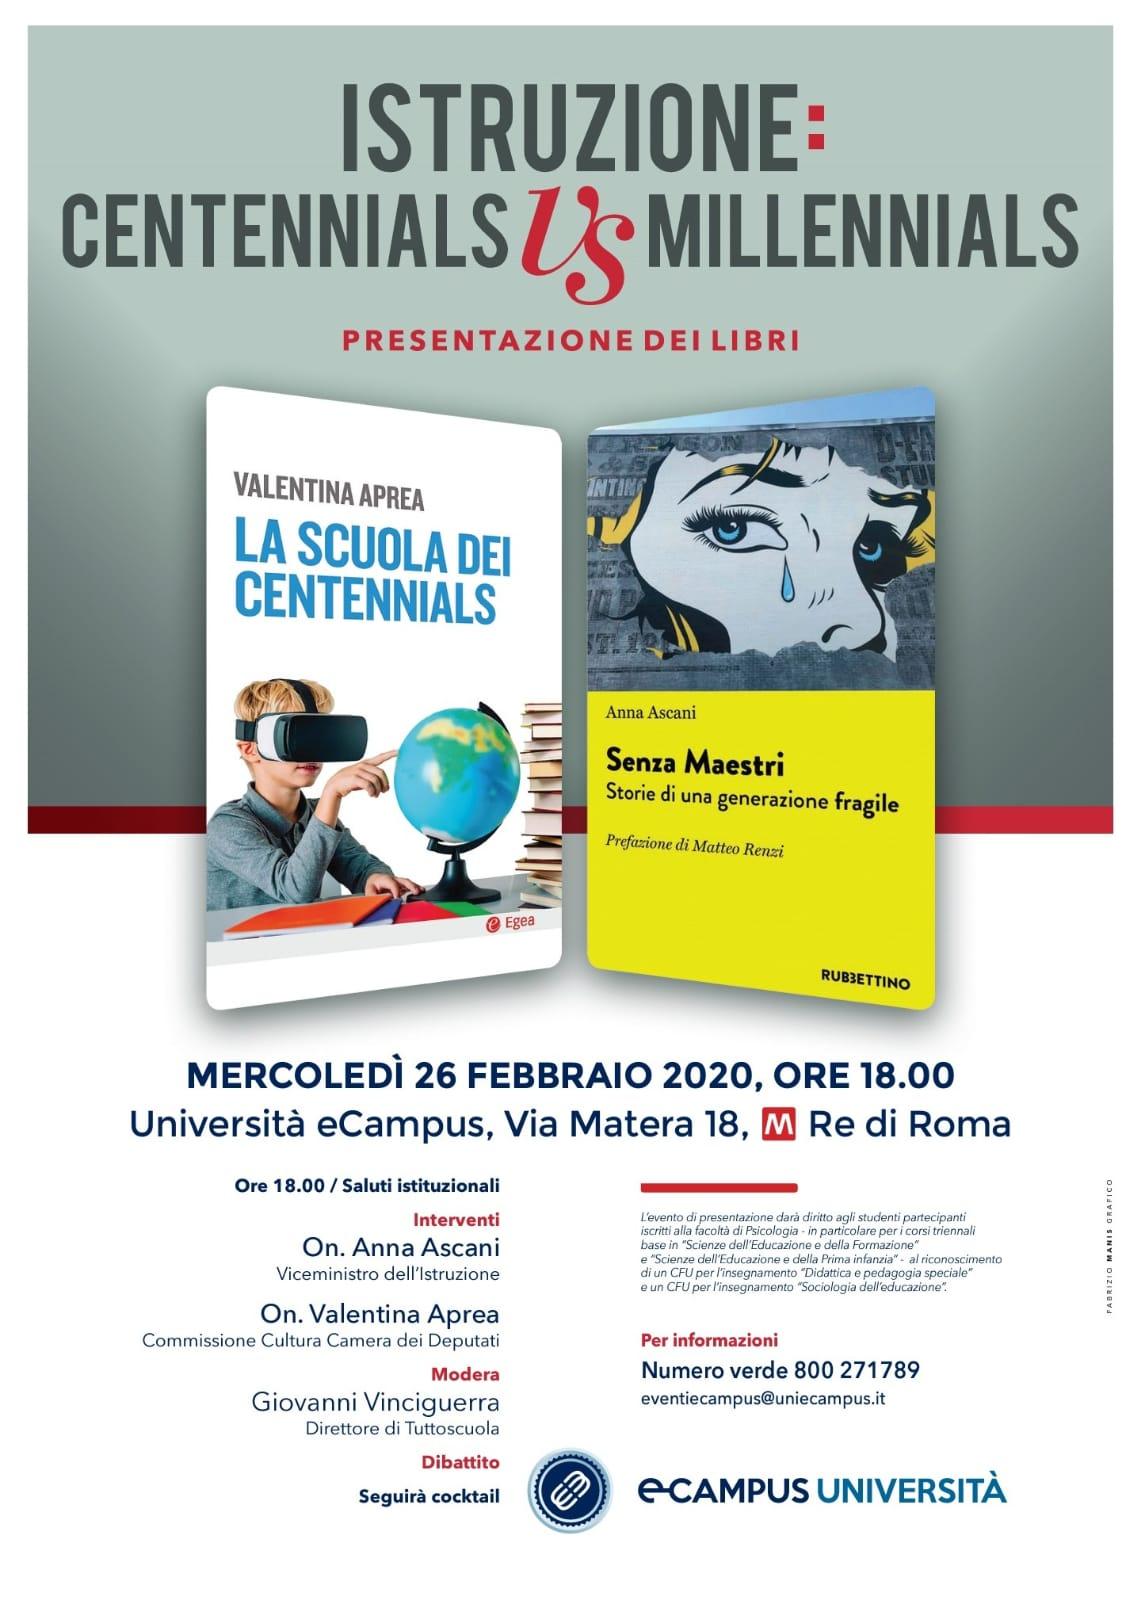 Scuola e dintorni. A Roma, all'Università eCampus, l'incontro 'Centennials Vs Millennials' con Aprea, Ascani eVinciguerra